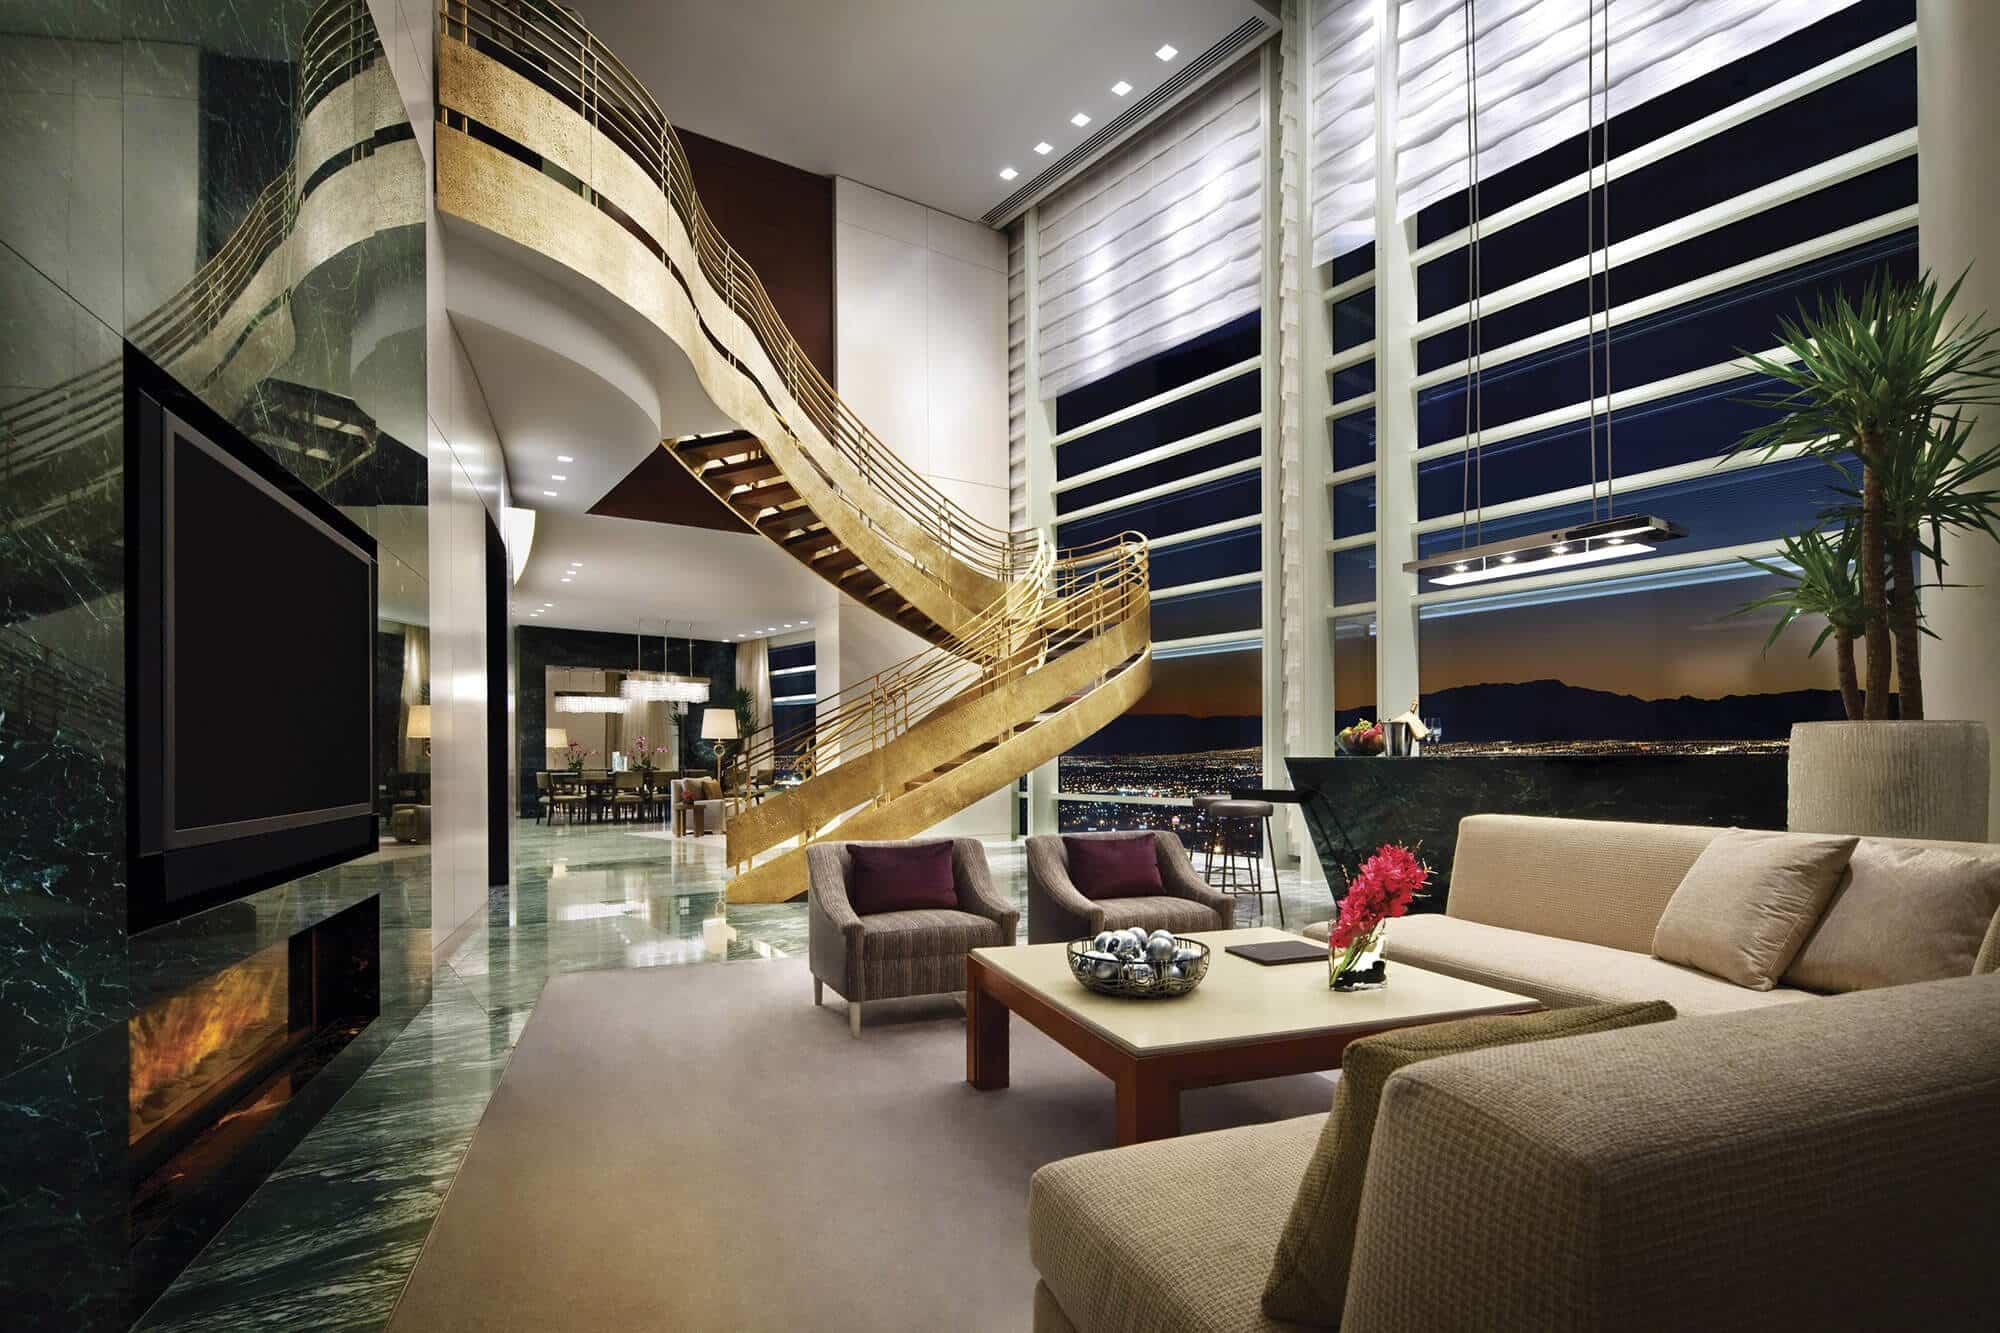 Design Hotel Las Vegas